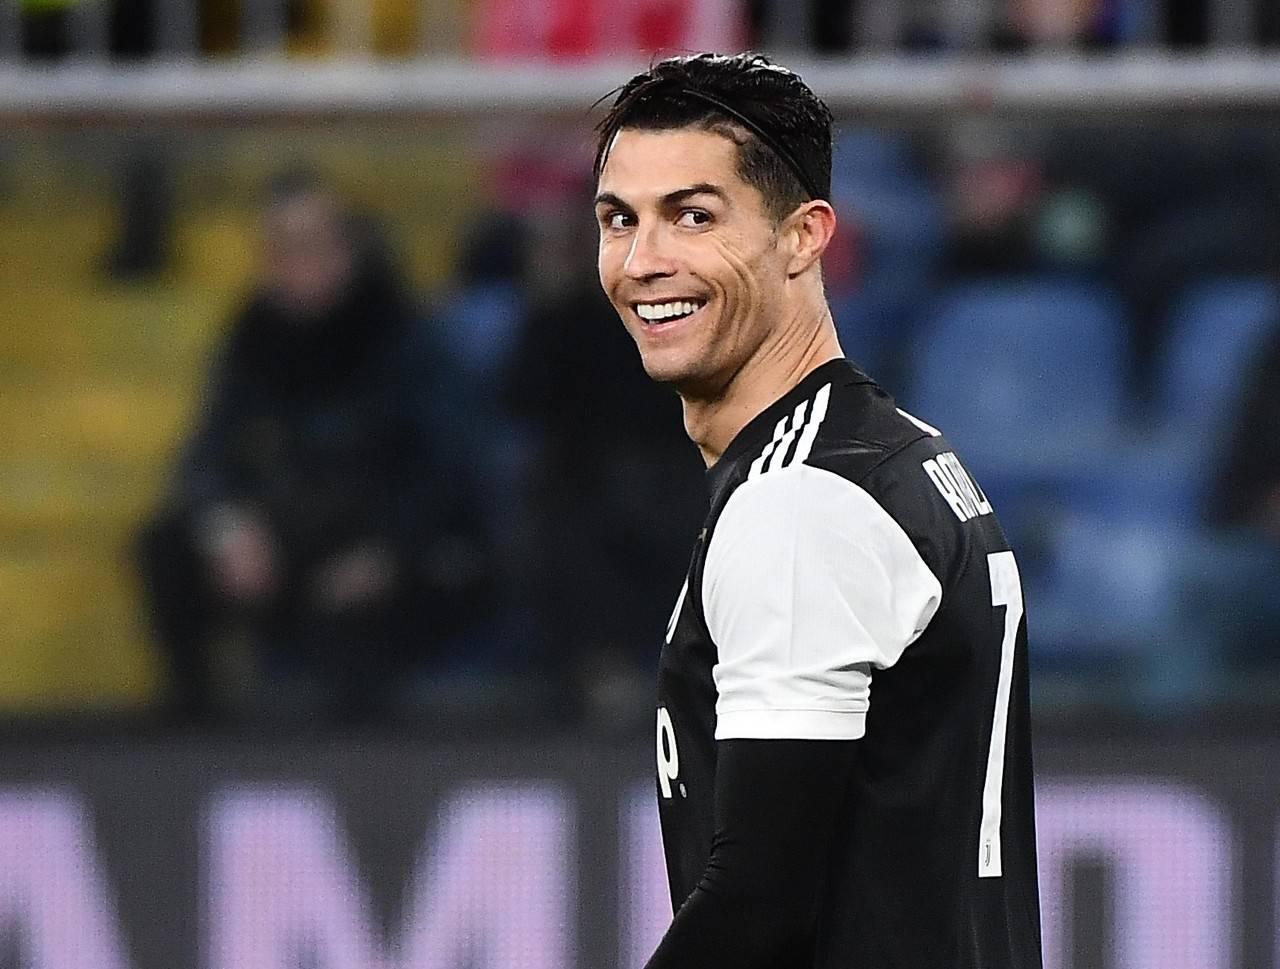 C罗去迪拜过圣诞没阻隔引争议!意大利媒体称:他单独练习就行!